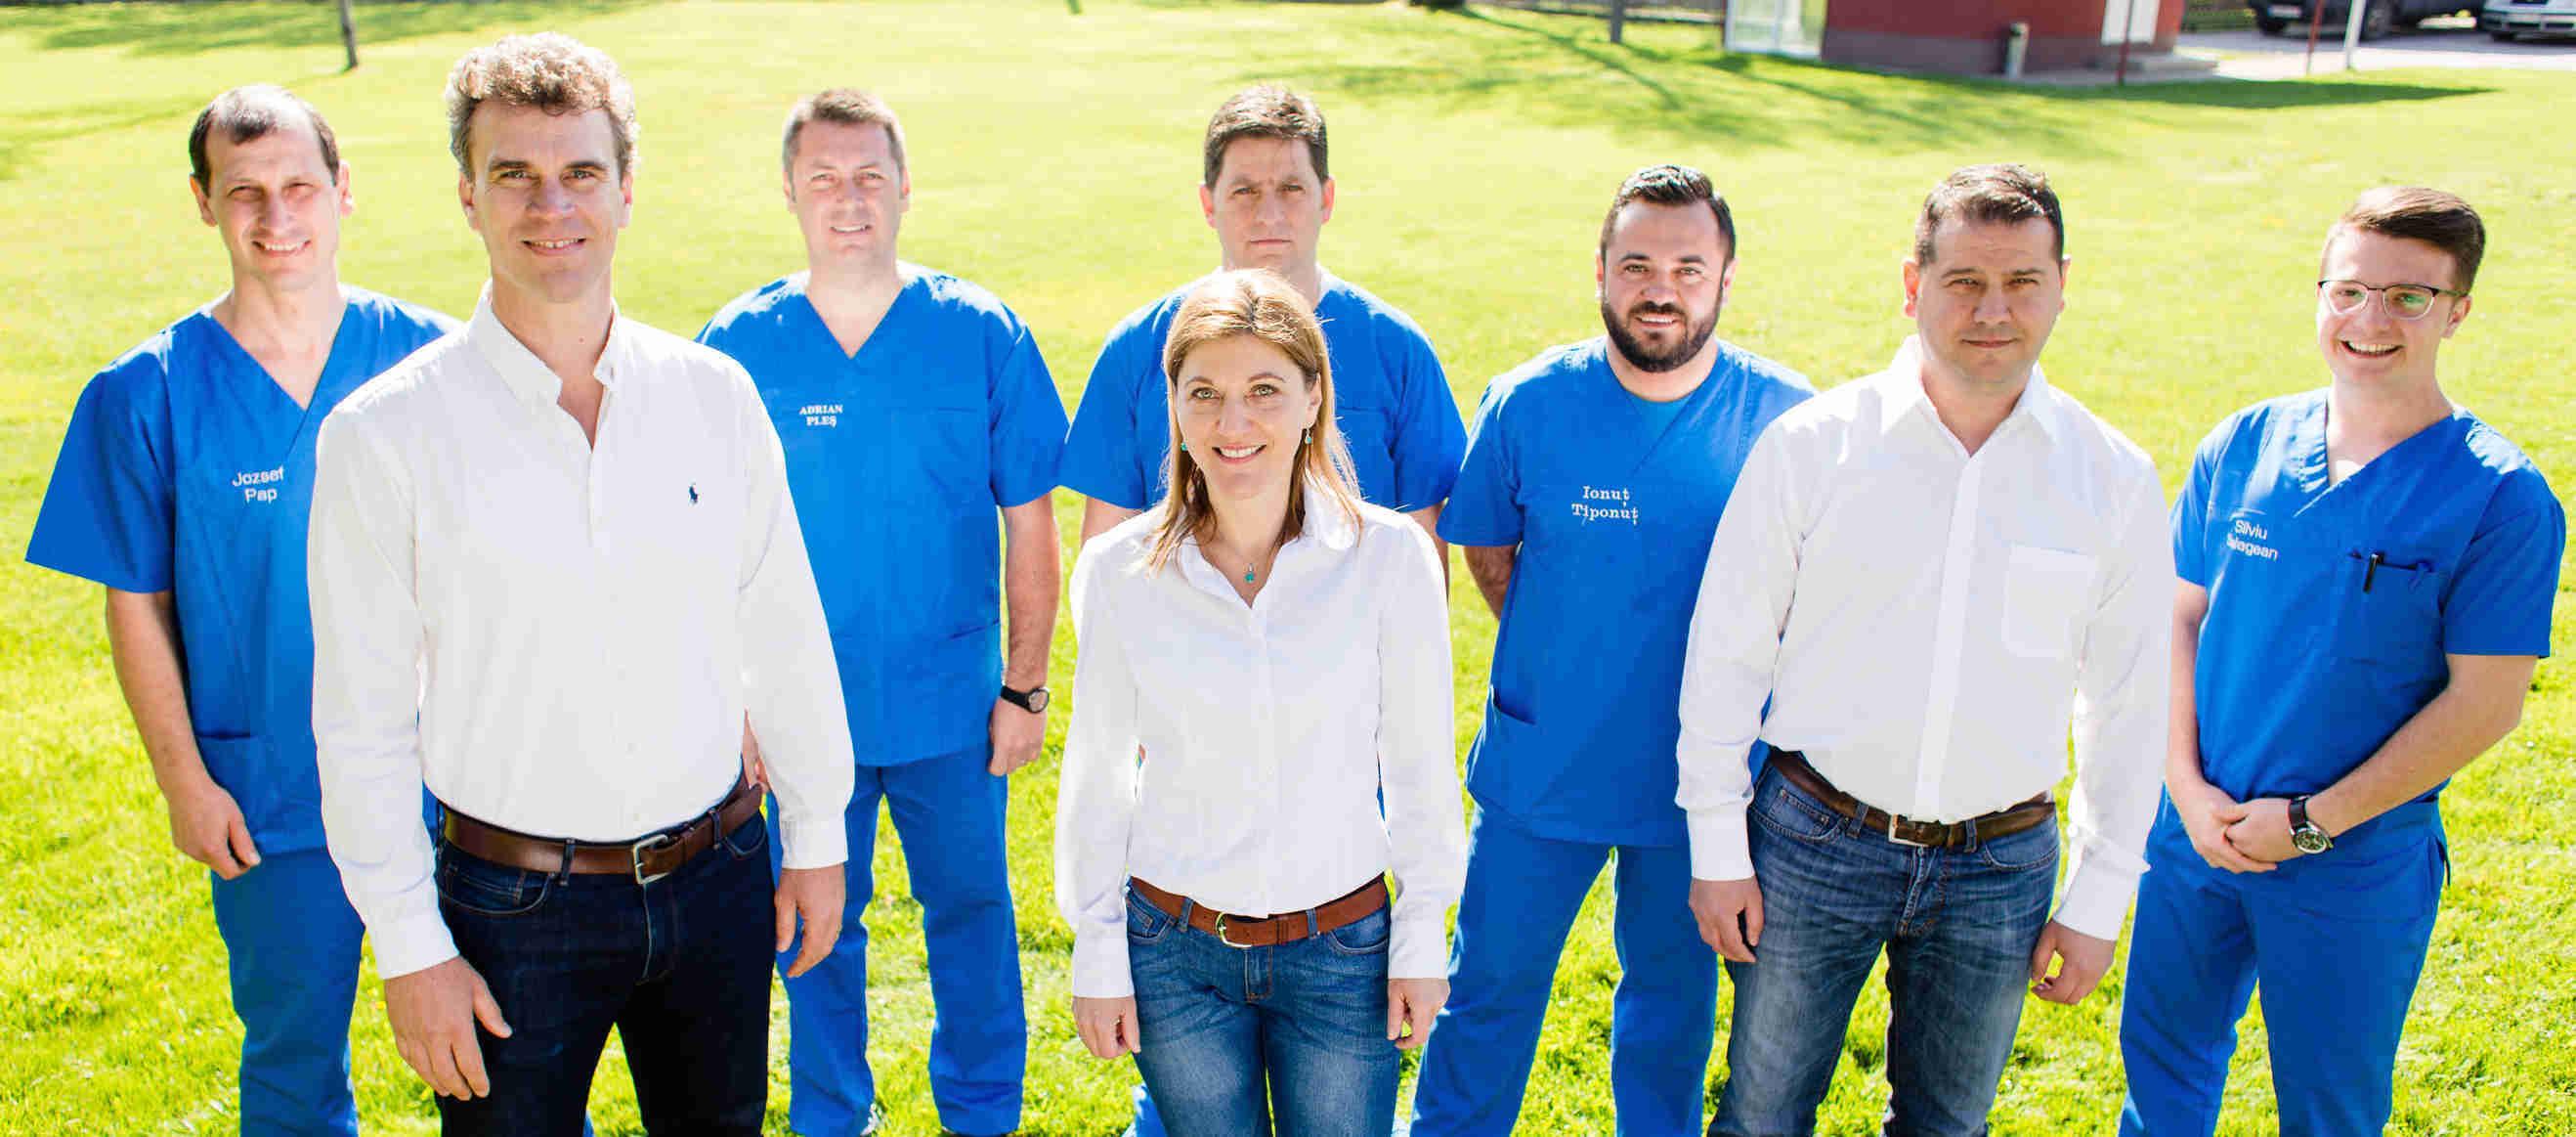 echipa de specialiști ai centrului de protezare și ortezare Theranova